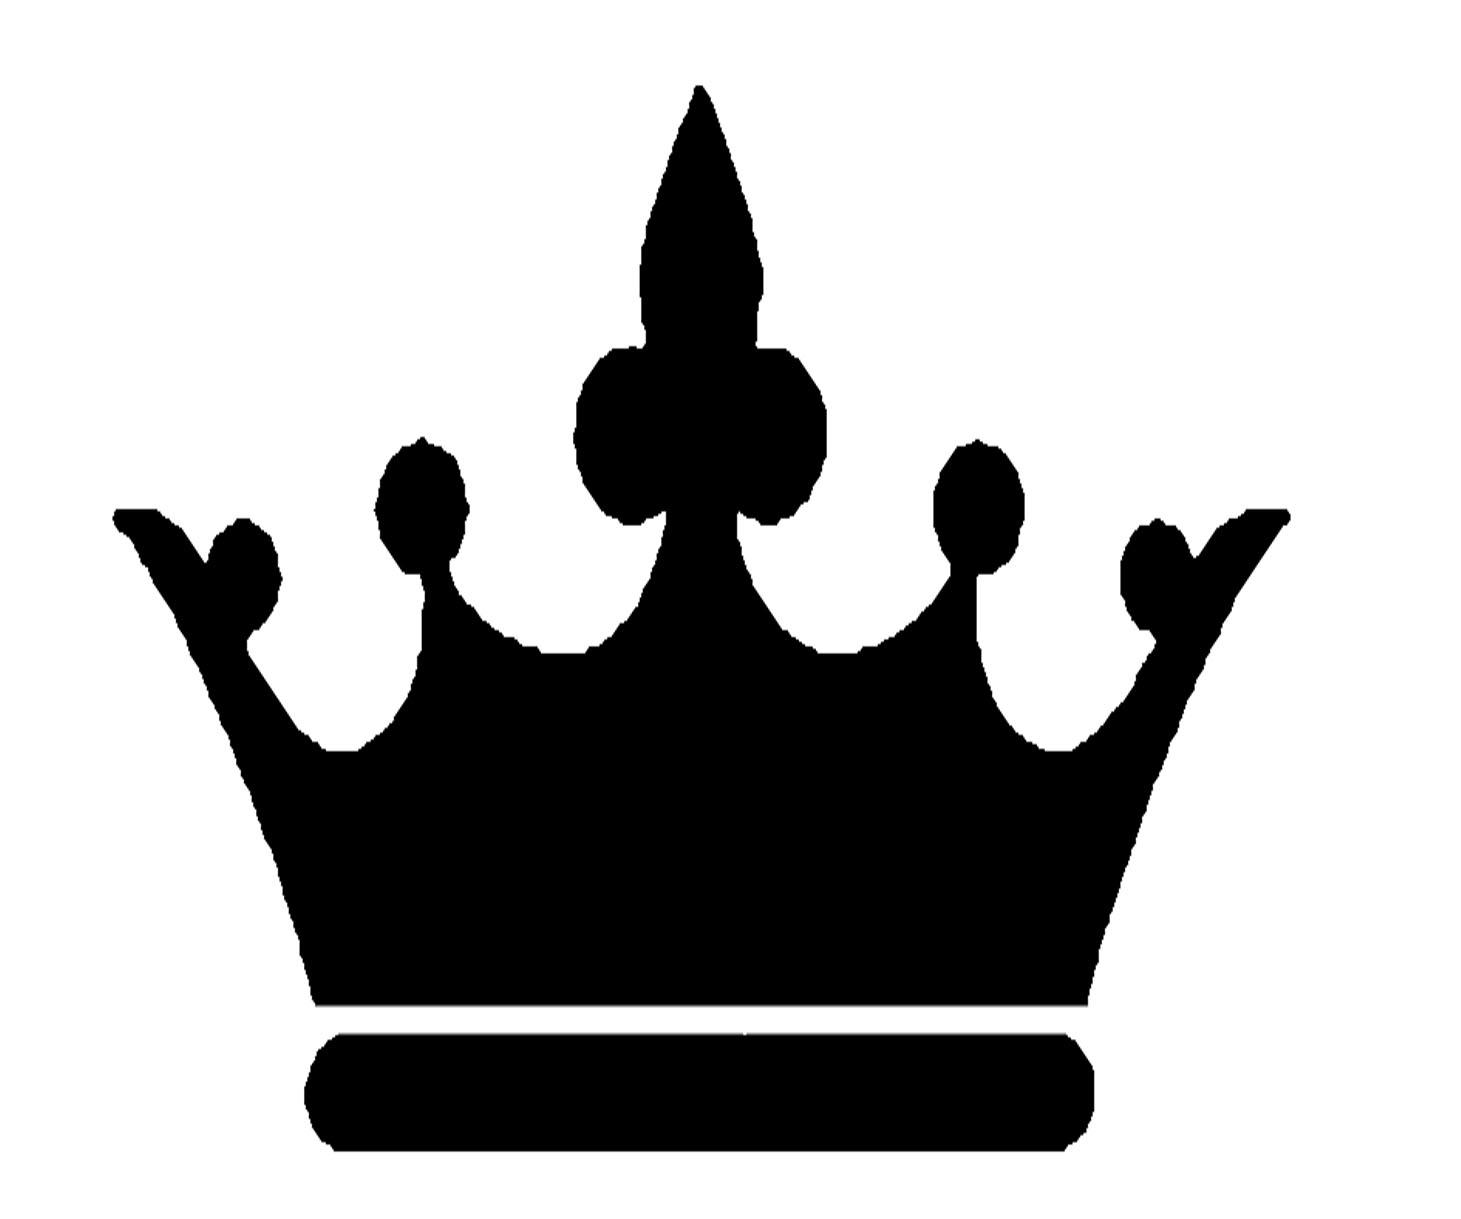 Clip Art Crown; King Crown Clip Art Blac-Clip art crown; King crown clip art black and white ...-11